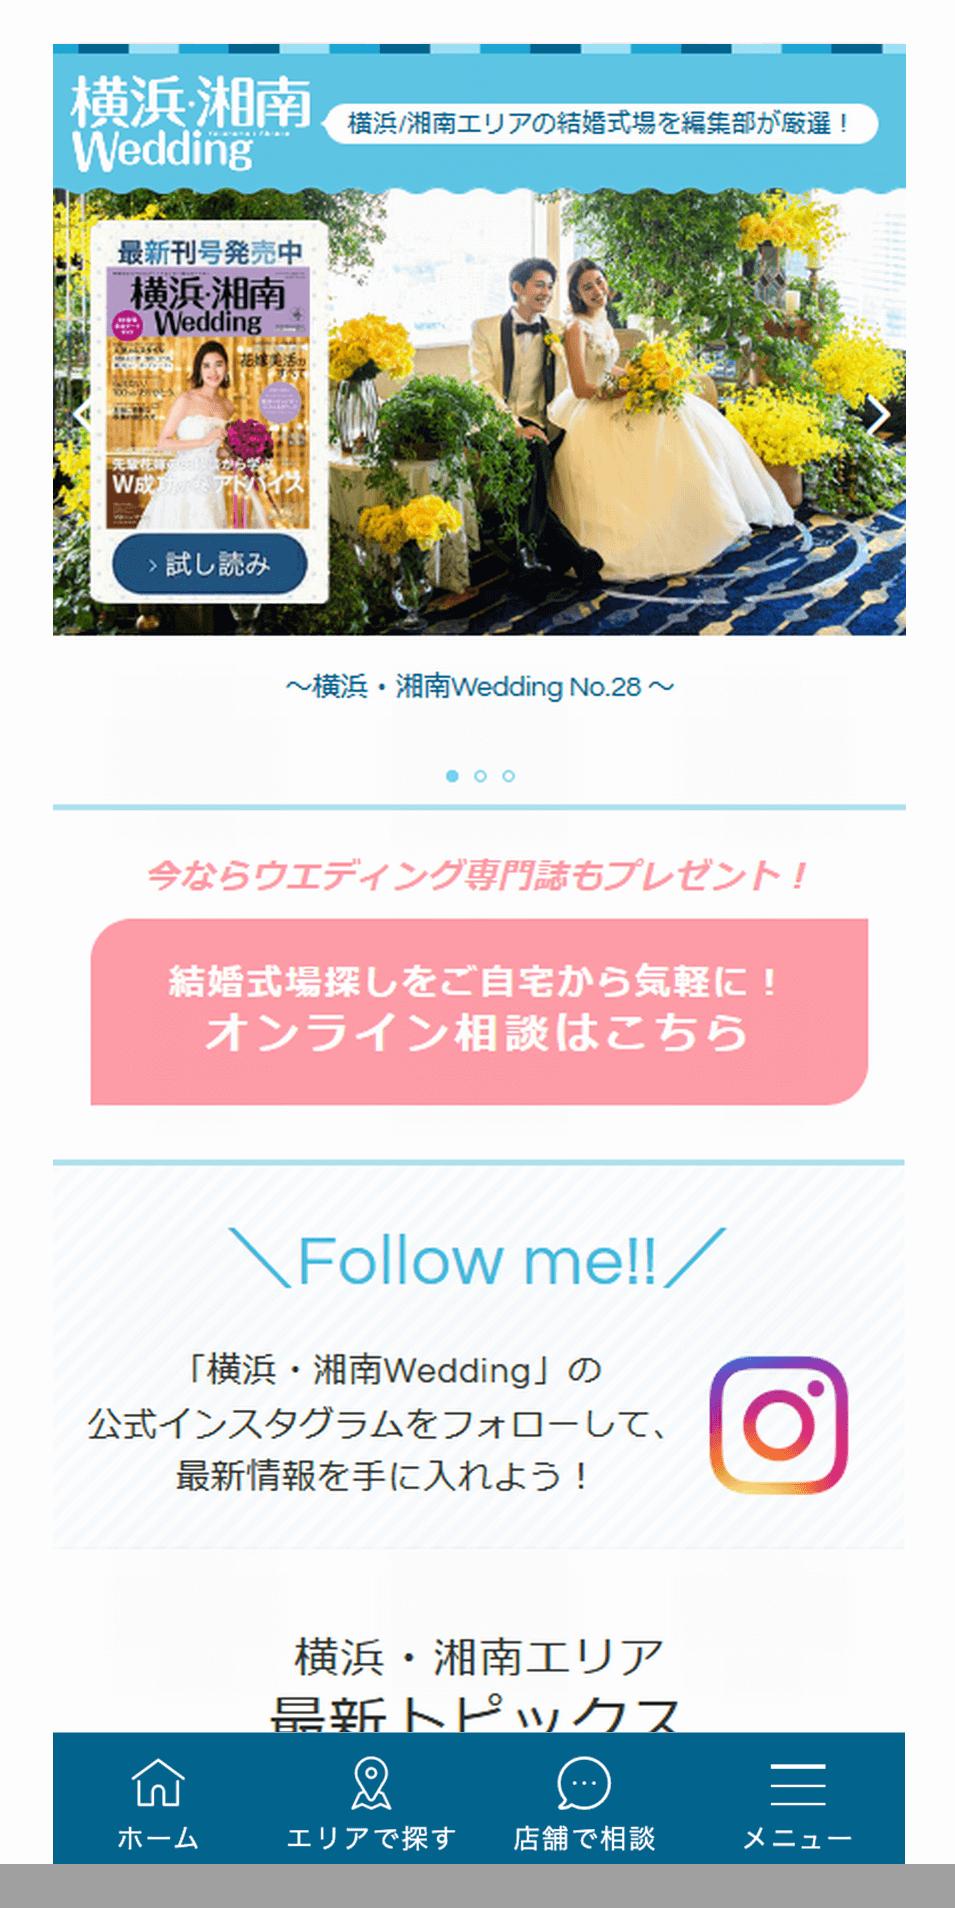 横浜・湘南Wedding